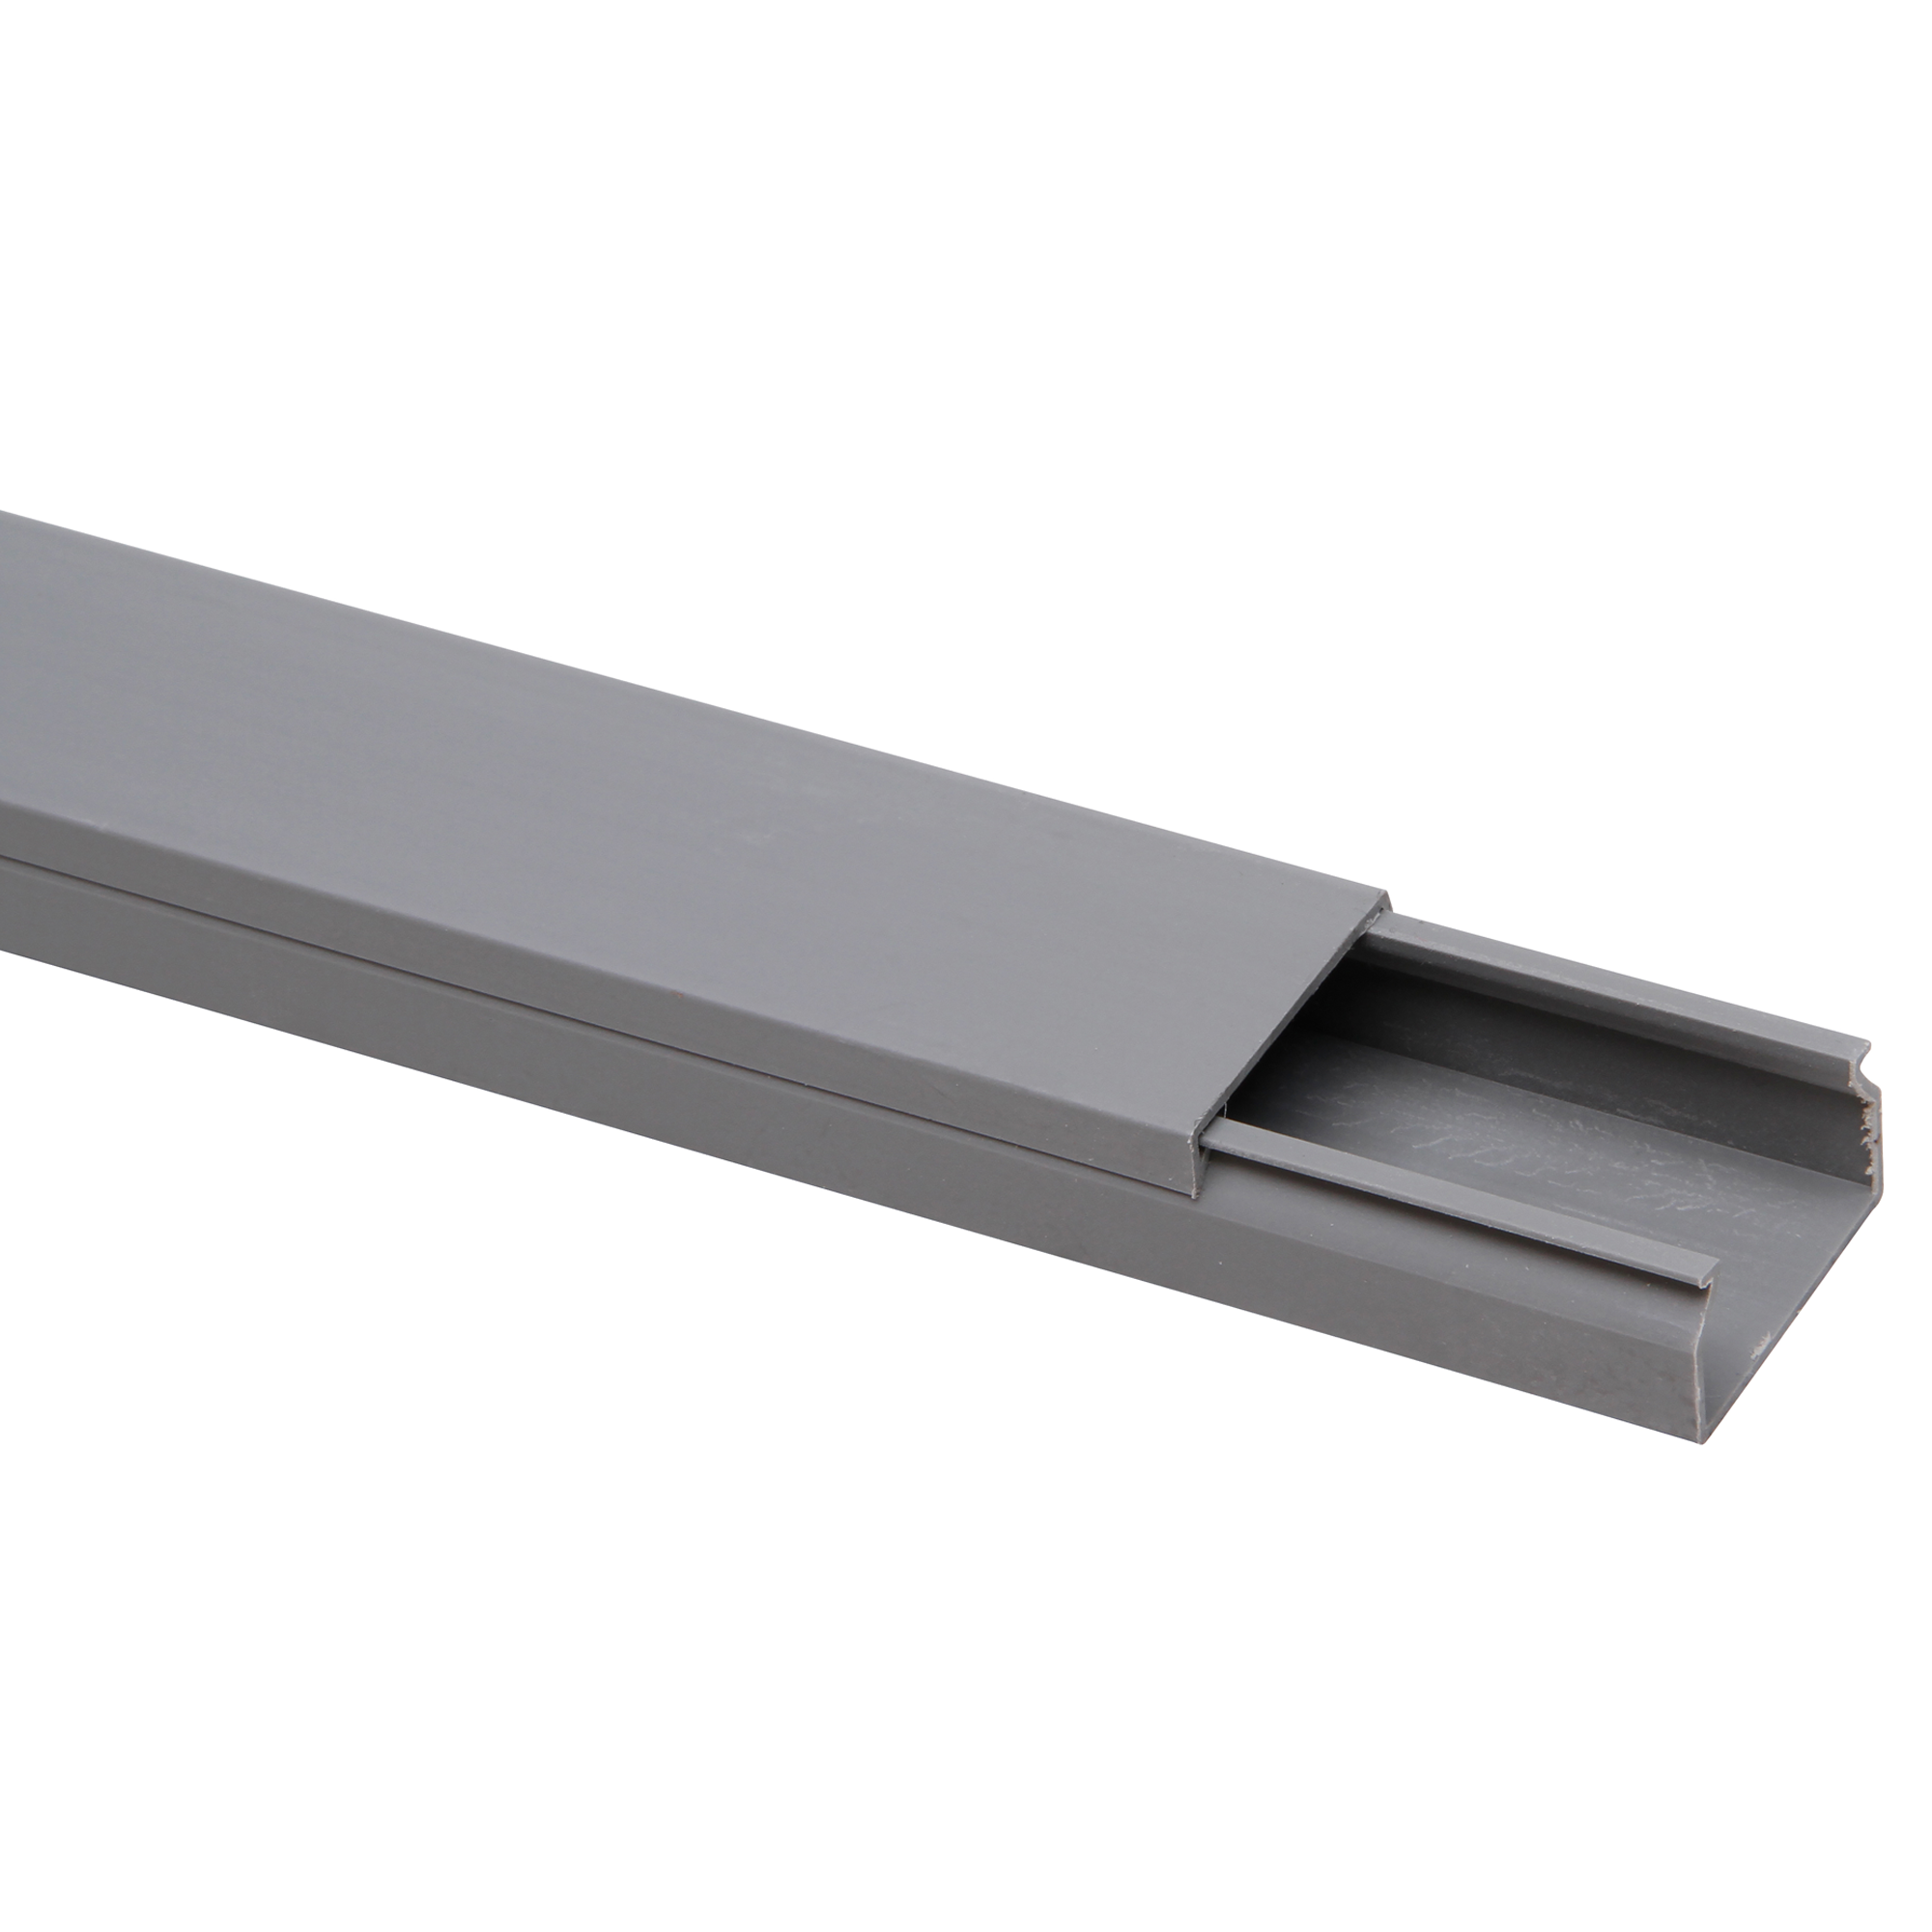 Präziser Aluminiumzuschnitt  400 x 400 x 4mm Al Mg 3 AW-5754 Aluminium Blech Alu